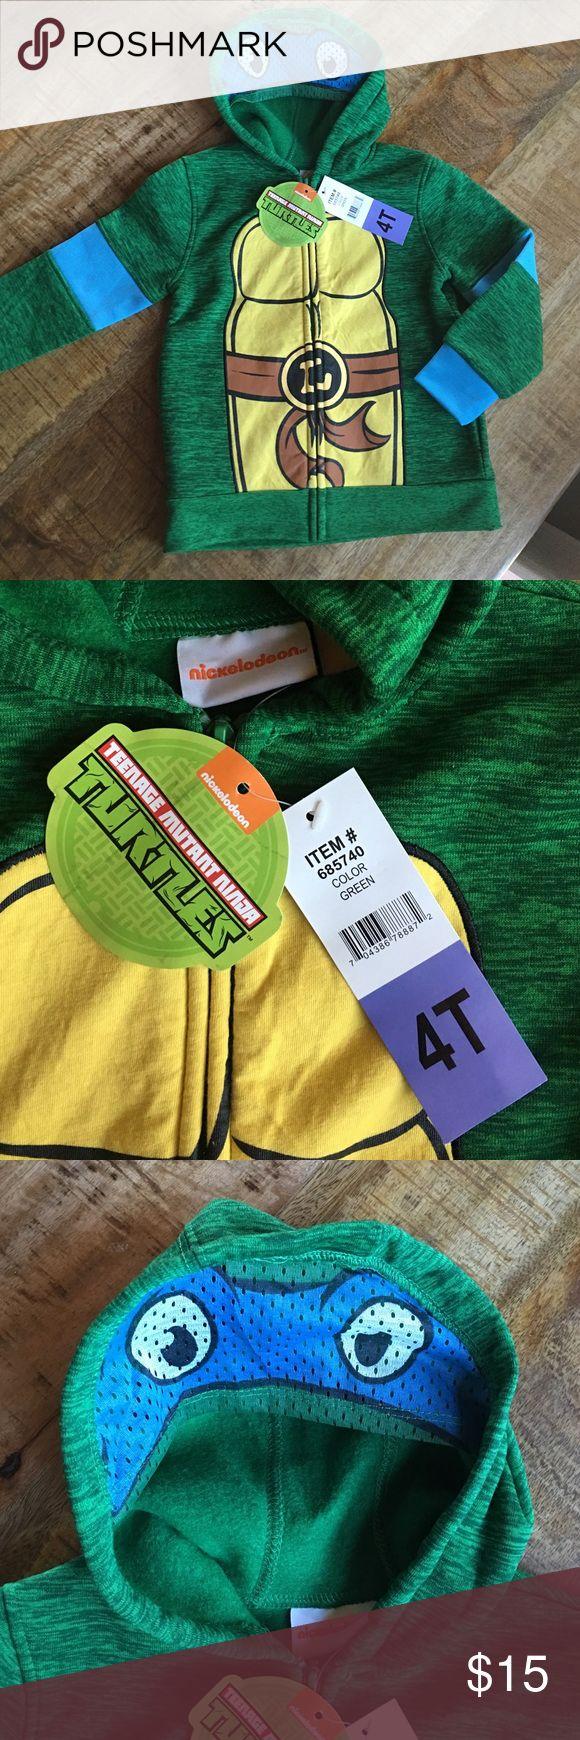 Nickelodeon ninja turtle hoodie 4T Blue ninja turtle zip up hoodie / 4T/ NWT Nickelodeon Shirts & Tops Sweatshirts & Hoodies